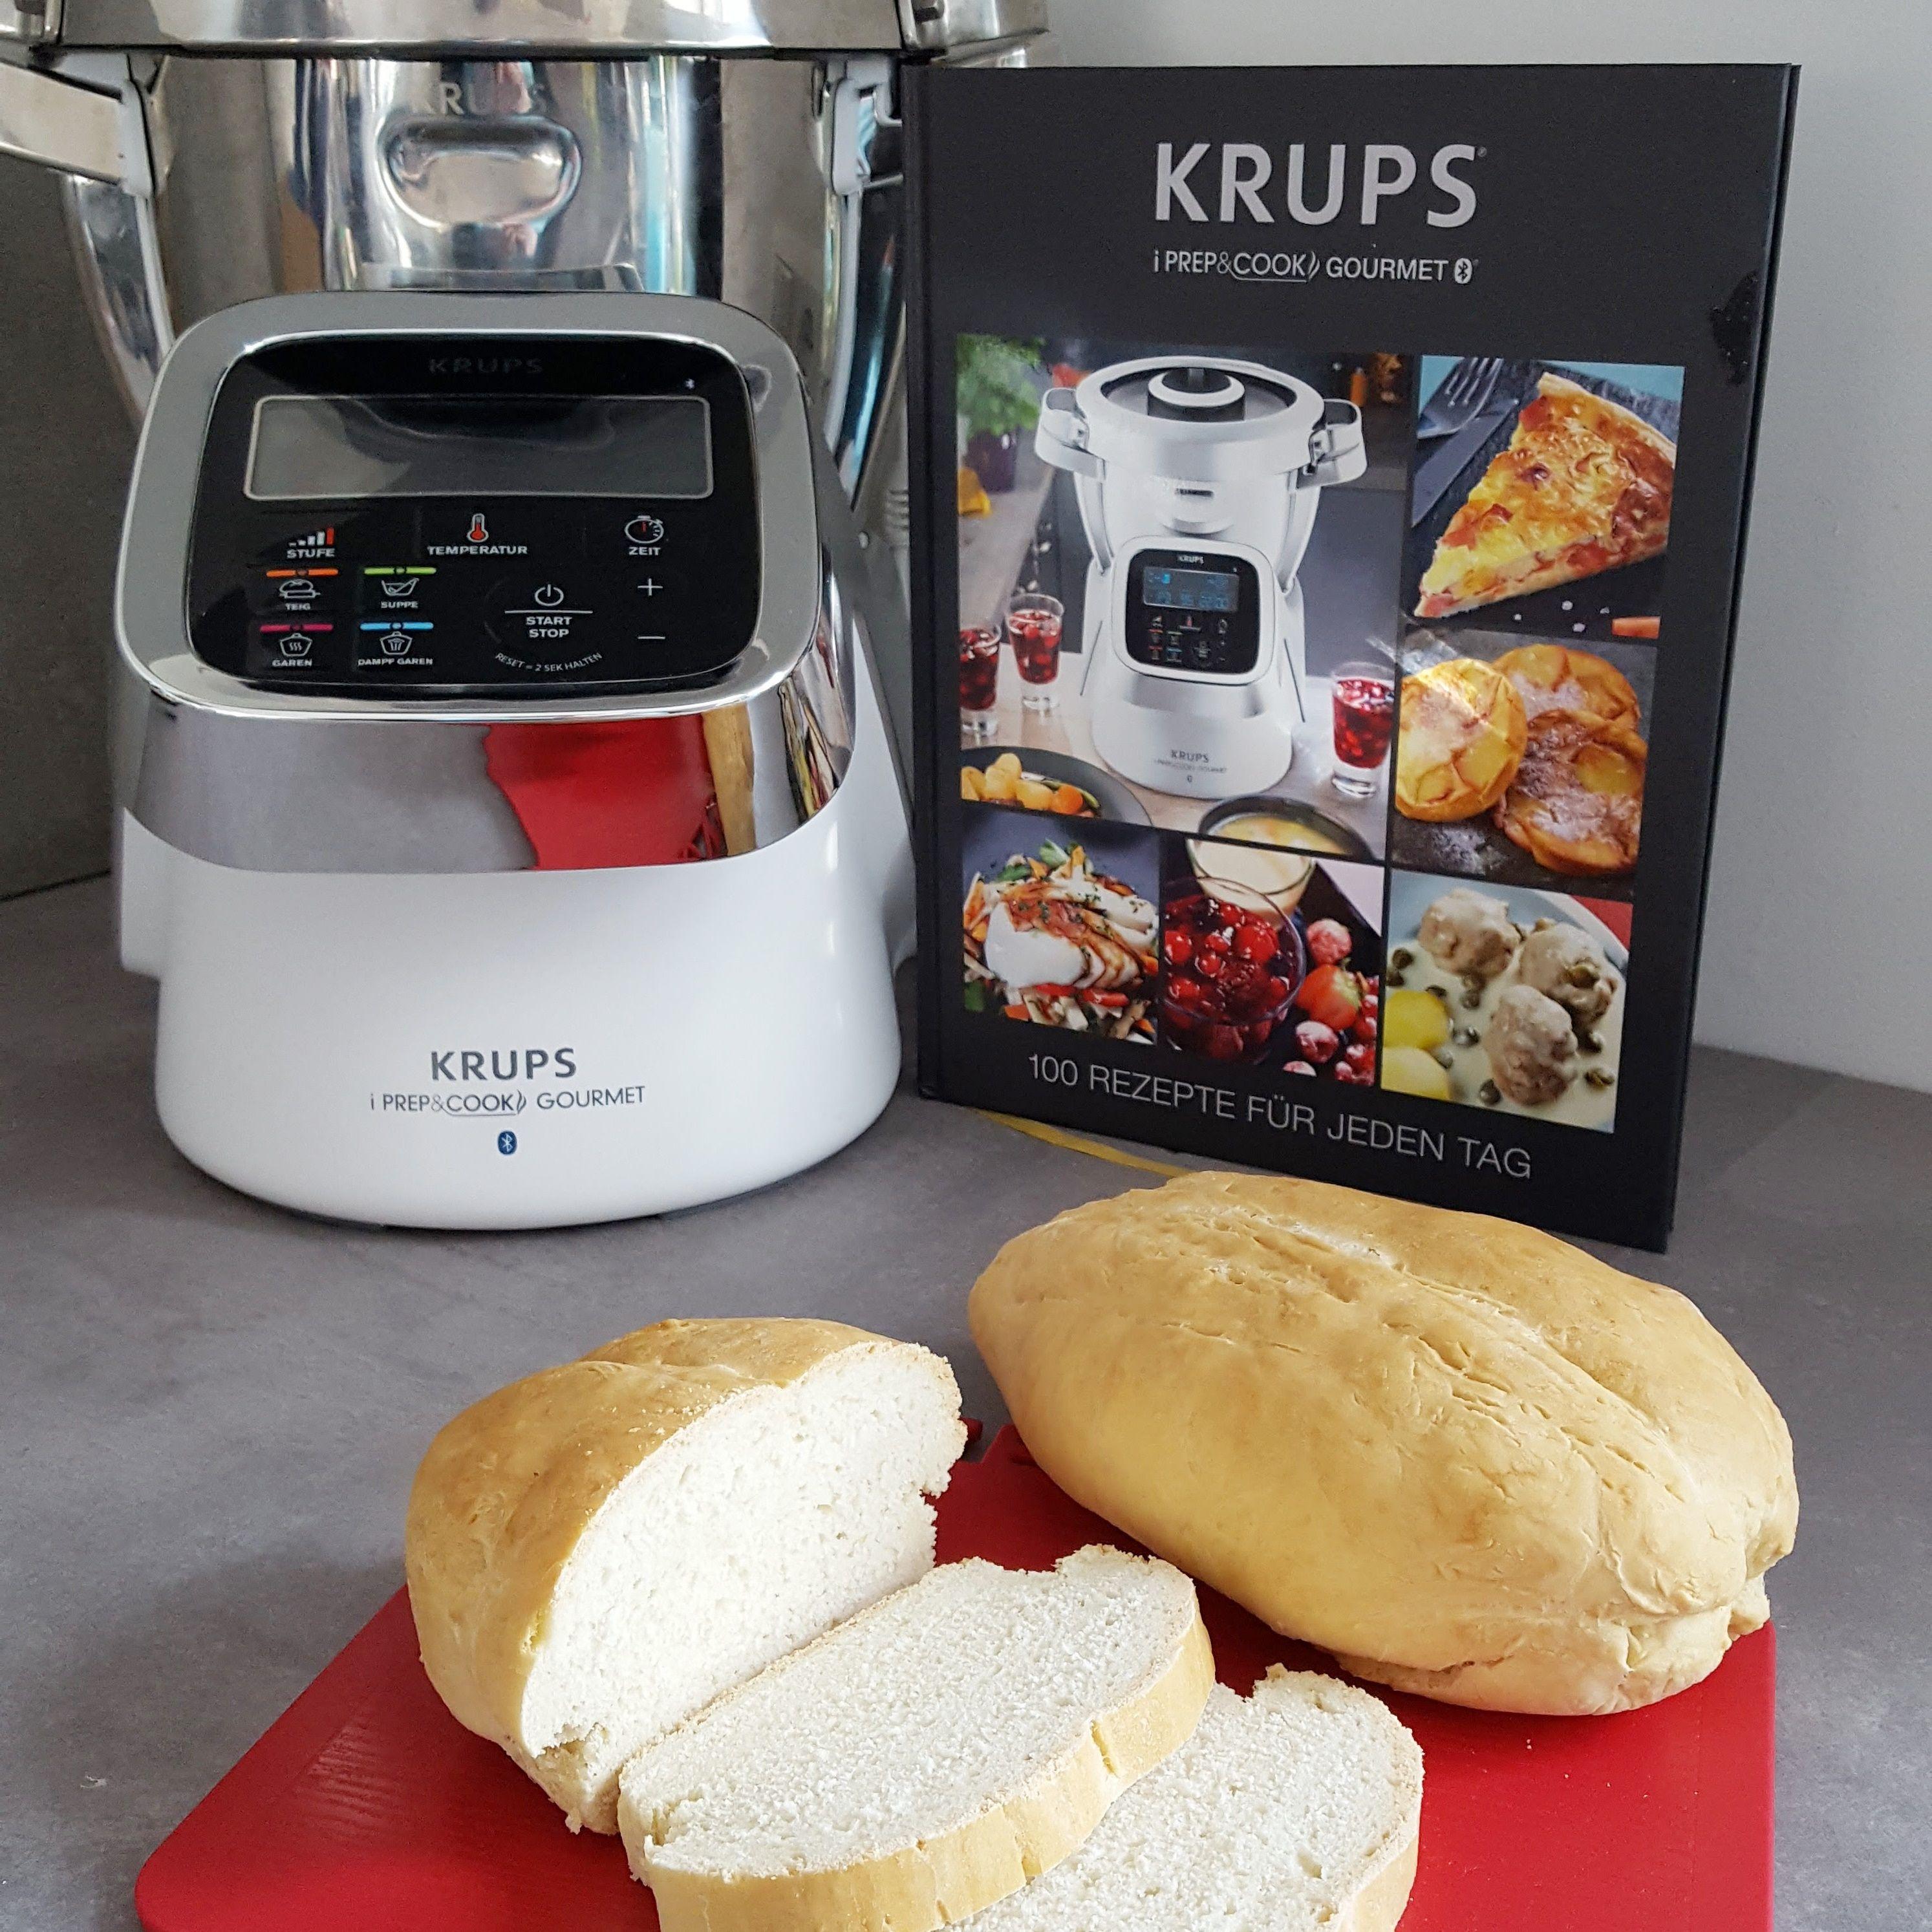 Brot Zubereiten In Der Krups Iprep Cook Gourmet Gourmet Thermomix Rezepte Krups Prep Cook